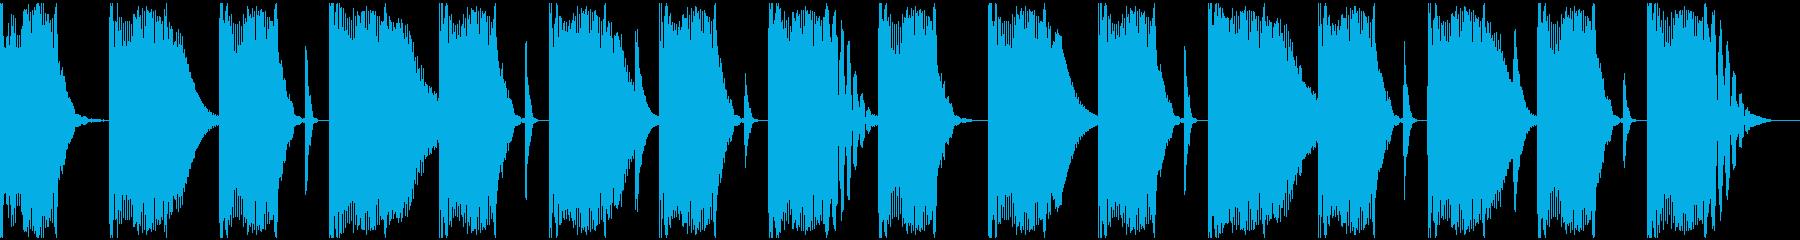 【エレクトロニカ】ロング2、ショート3の再生済みの波形